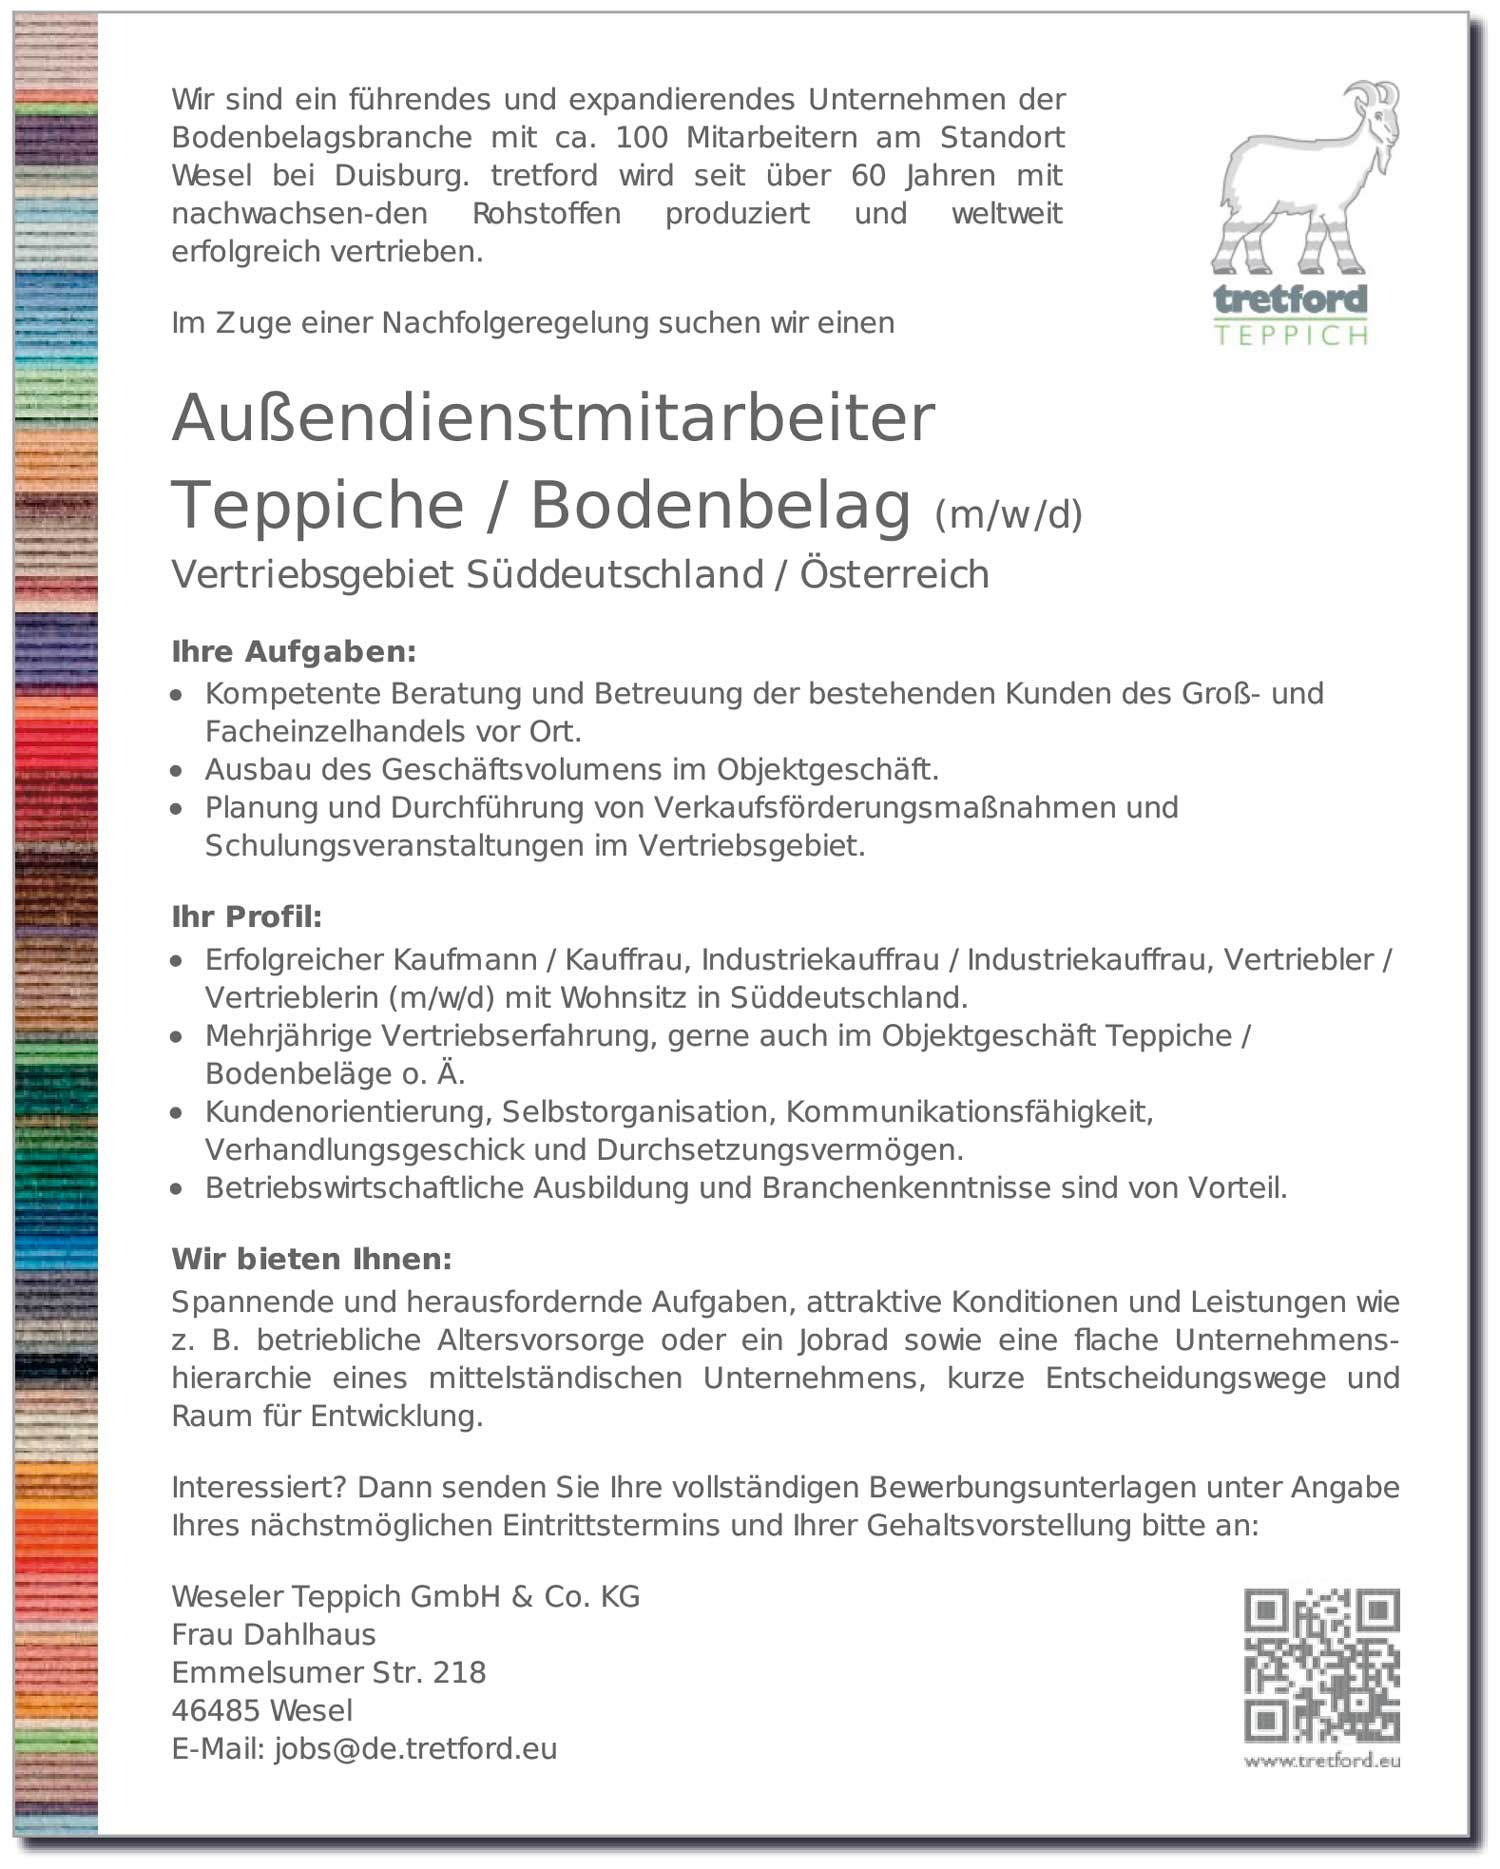 Außendienstmitarbeiter Teppiche / Bodenbelag (m/w/d)